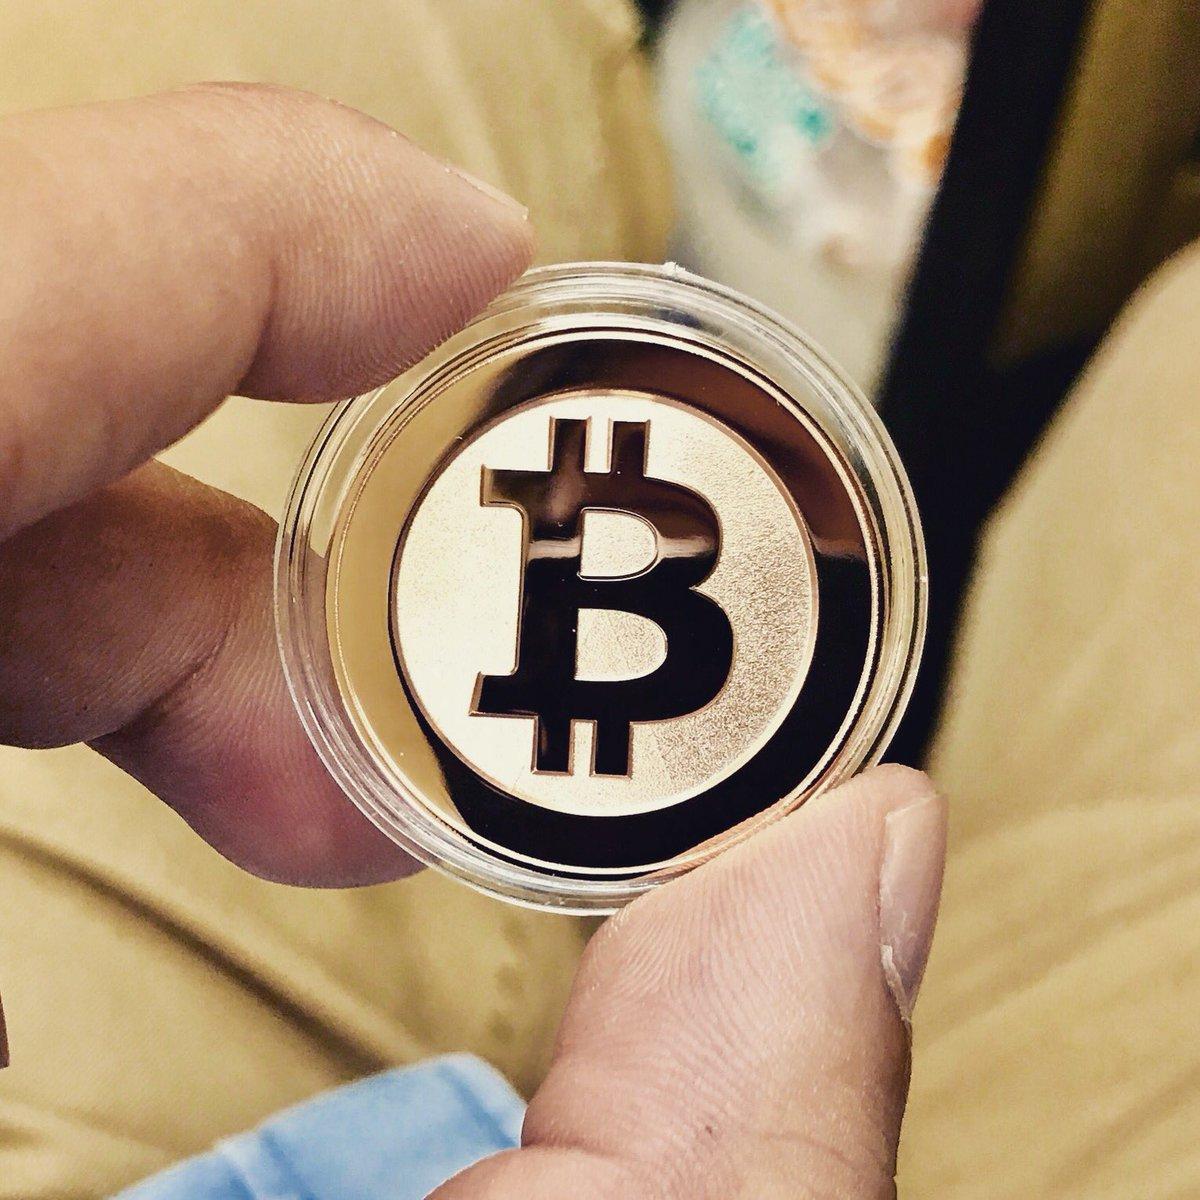 test ツイッターメディア - https://t.co/5Lo4TfCjUbピンクゴールドのビットコインPINK GOLD BITCOIN#pink #bitcoin #ビットコイン #ピンク #ピンクゴールド #コイン #製作